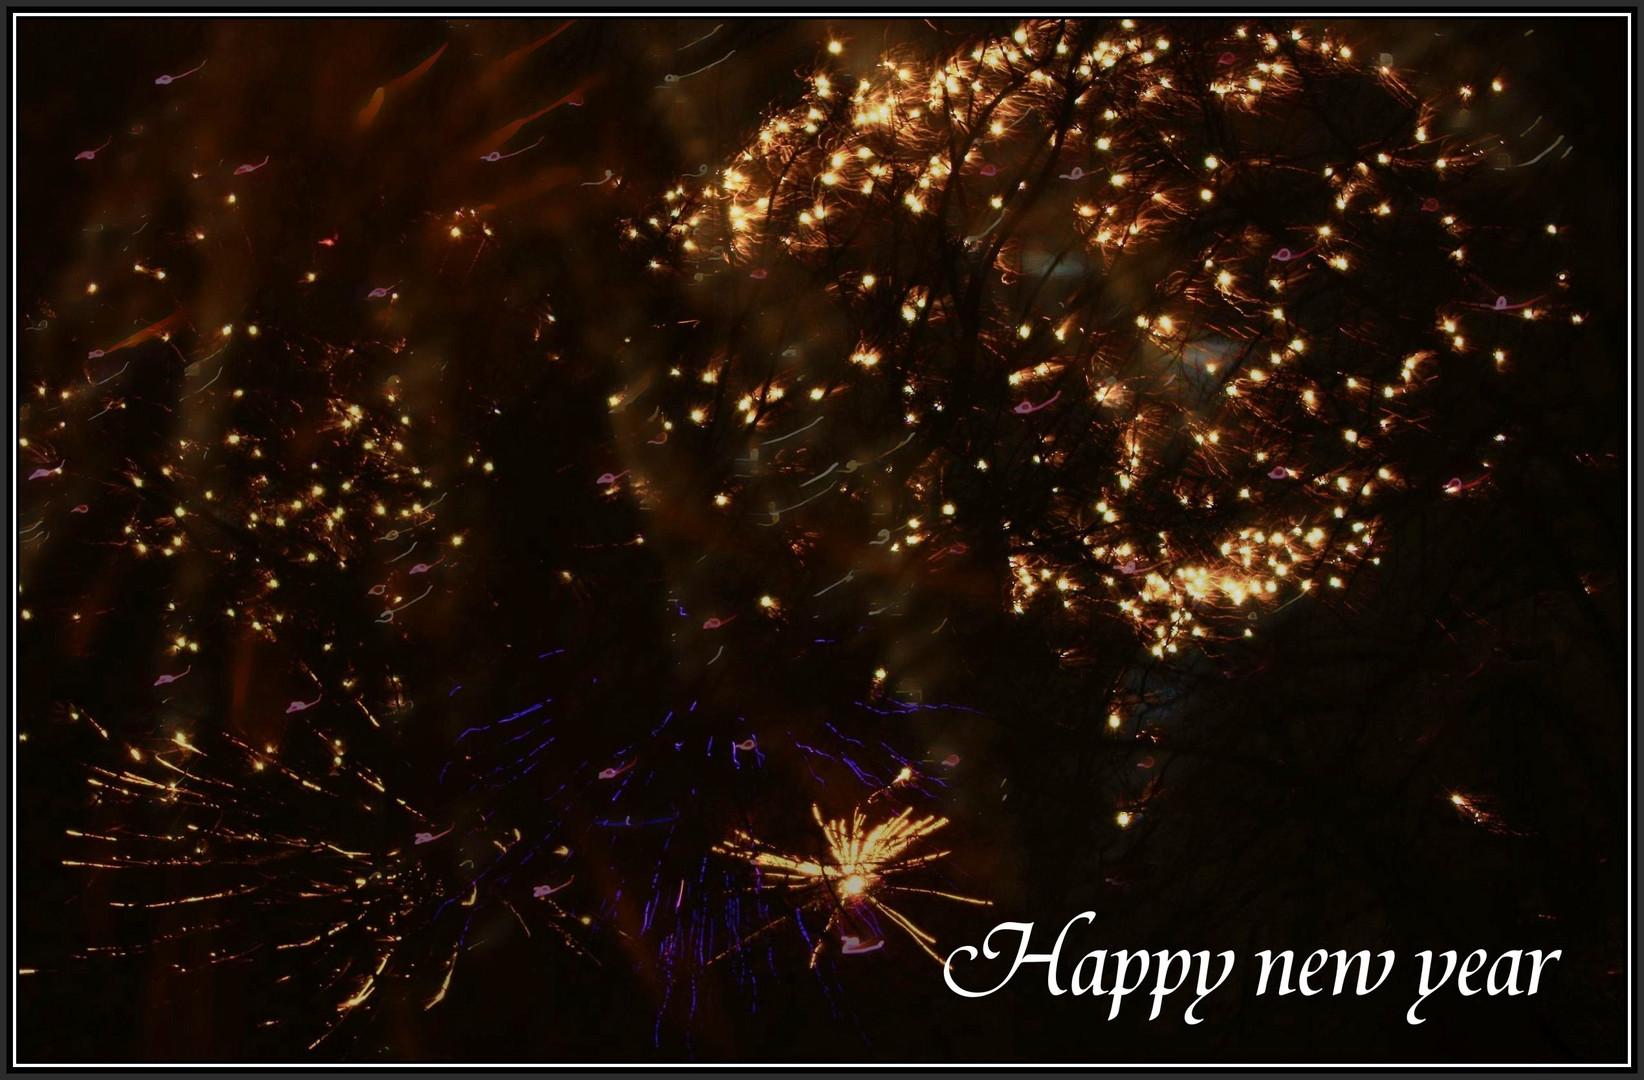 Gesundes Jahr 2011!